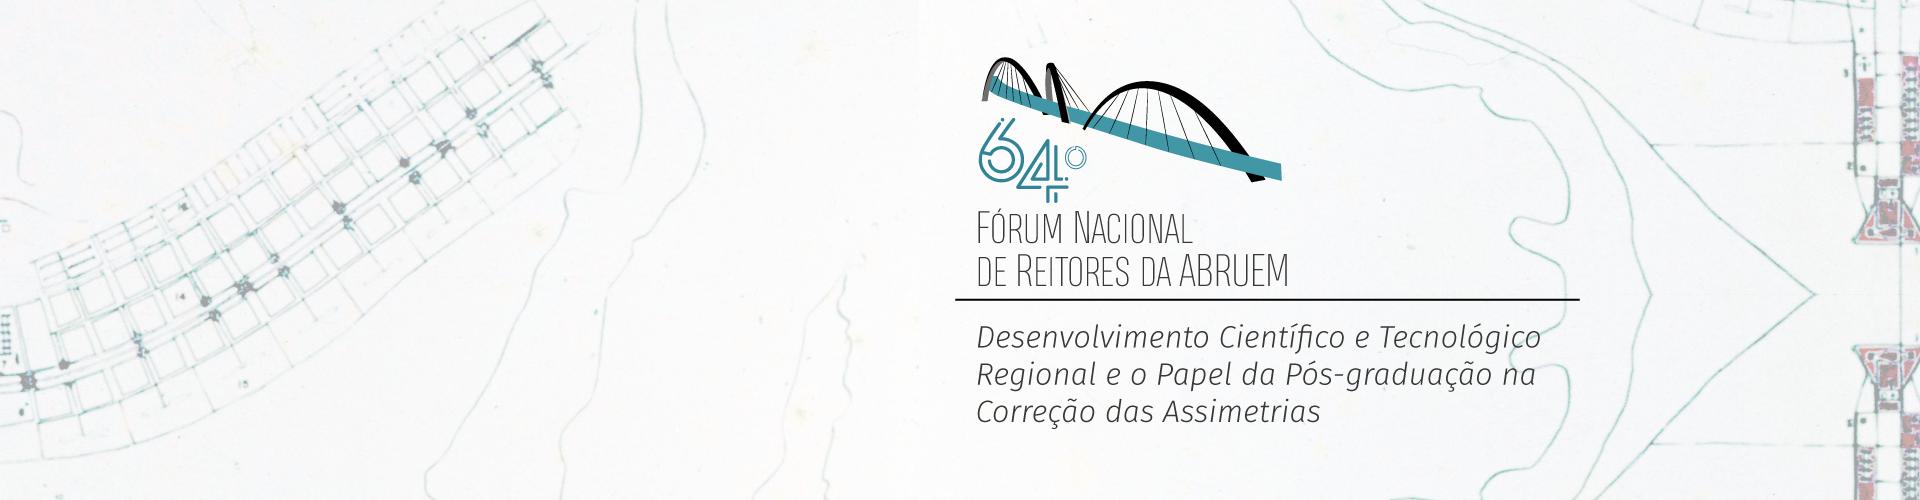 13 e 14 de junho de 2019 Brasília - DF